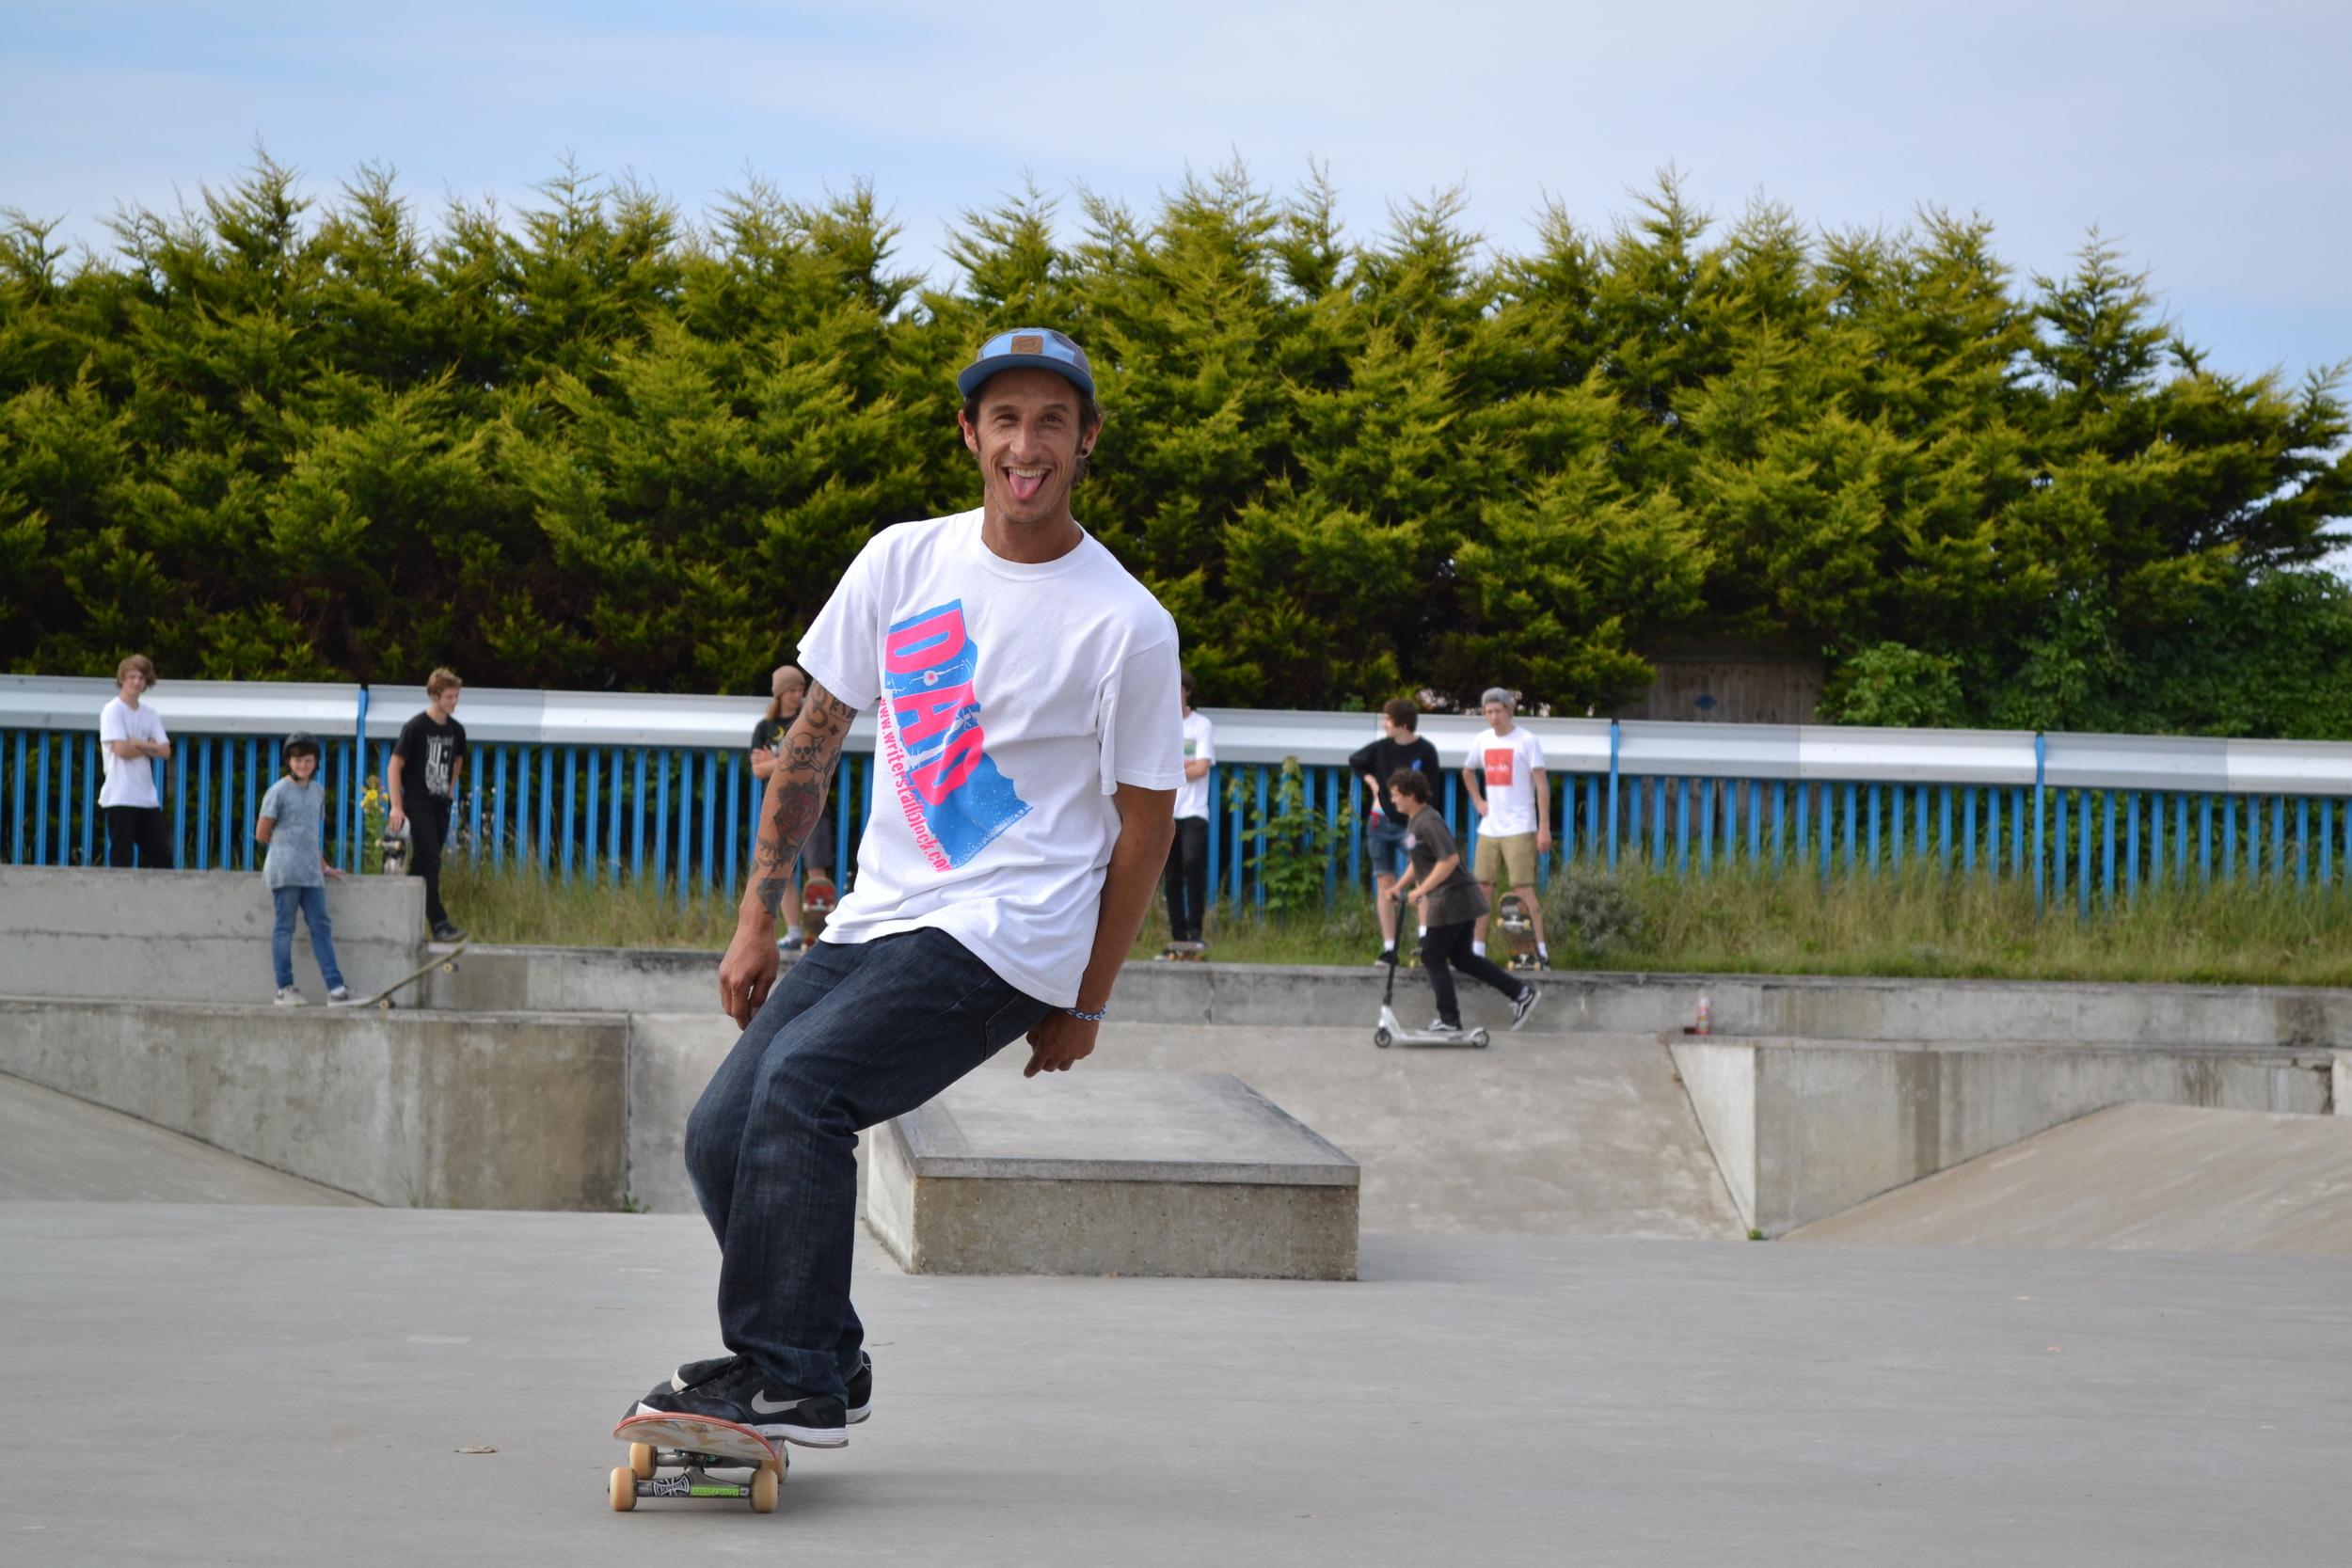 Nick Bray. Skatepark Dad.